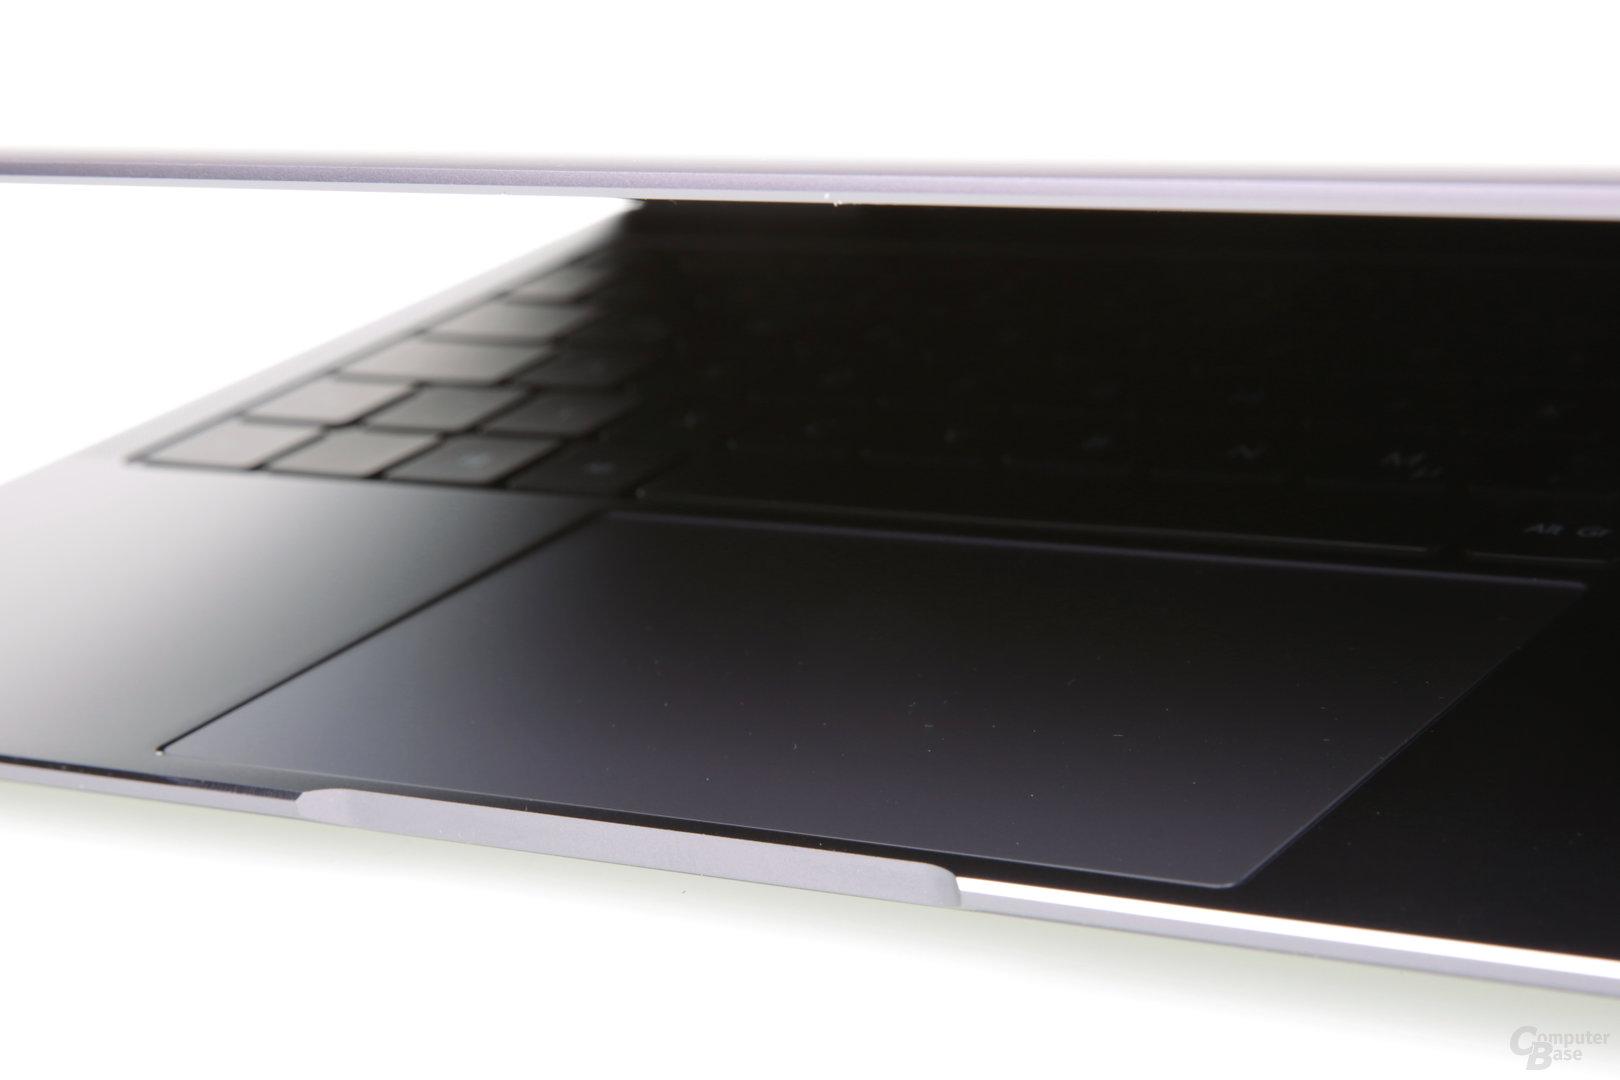 Kerbe vor dem Touchpad zum Öffnen des Notebooks